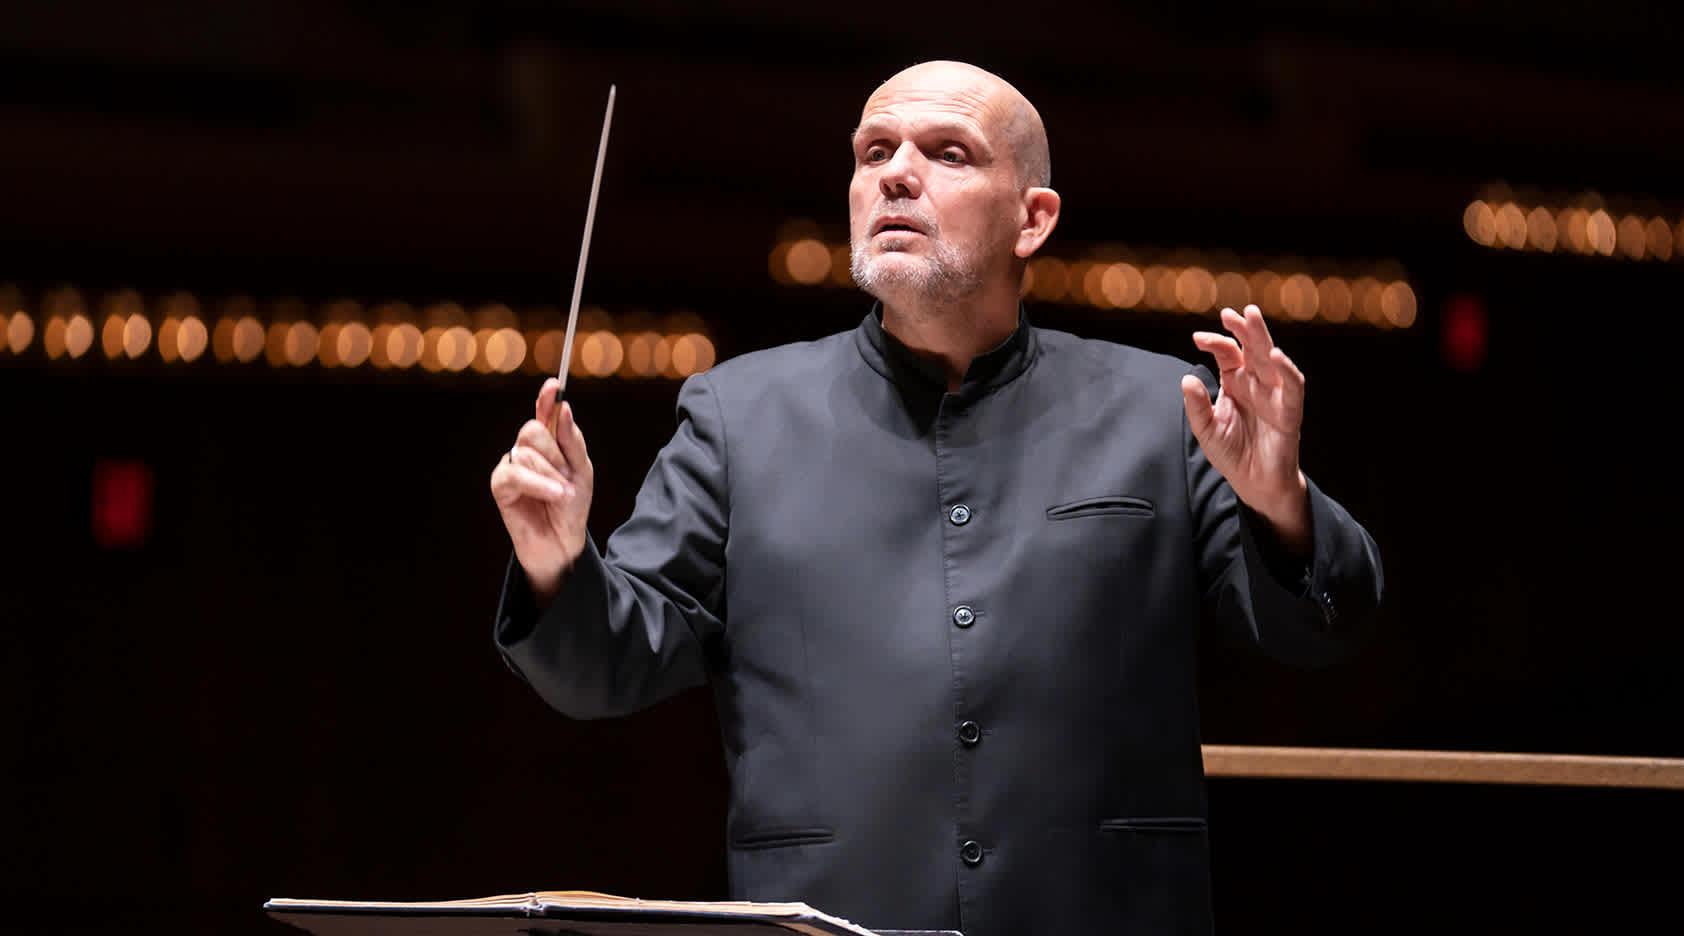 CANCELLED: Jaap van Zweden Conducts Mozart and Caroline Shaw